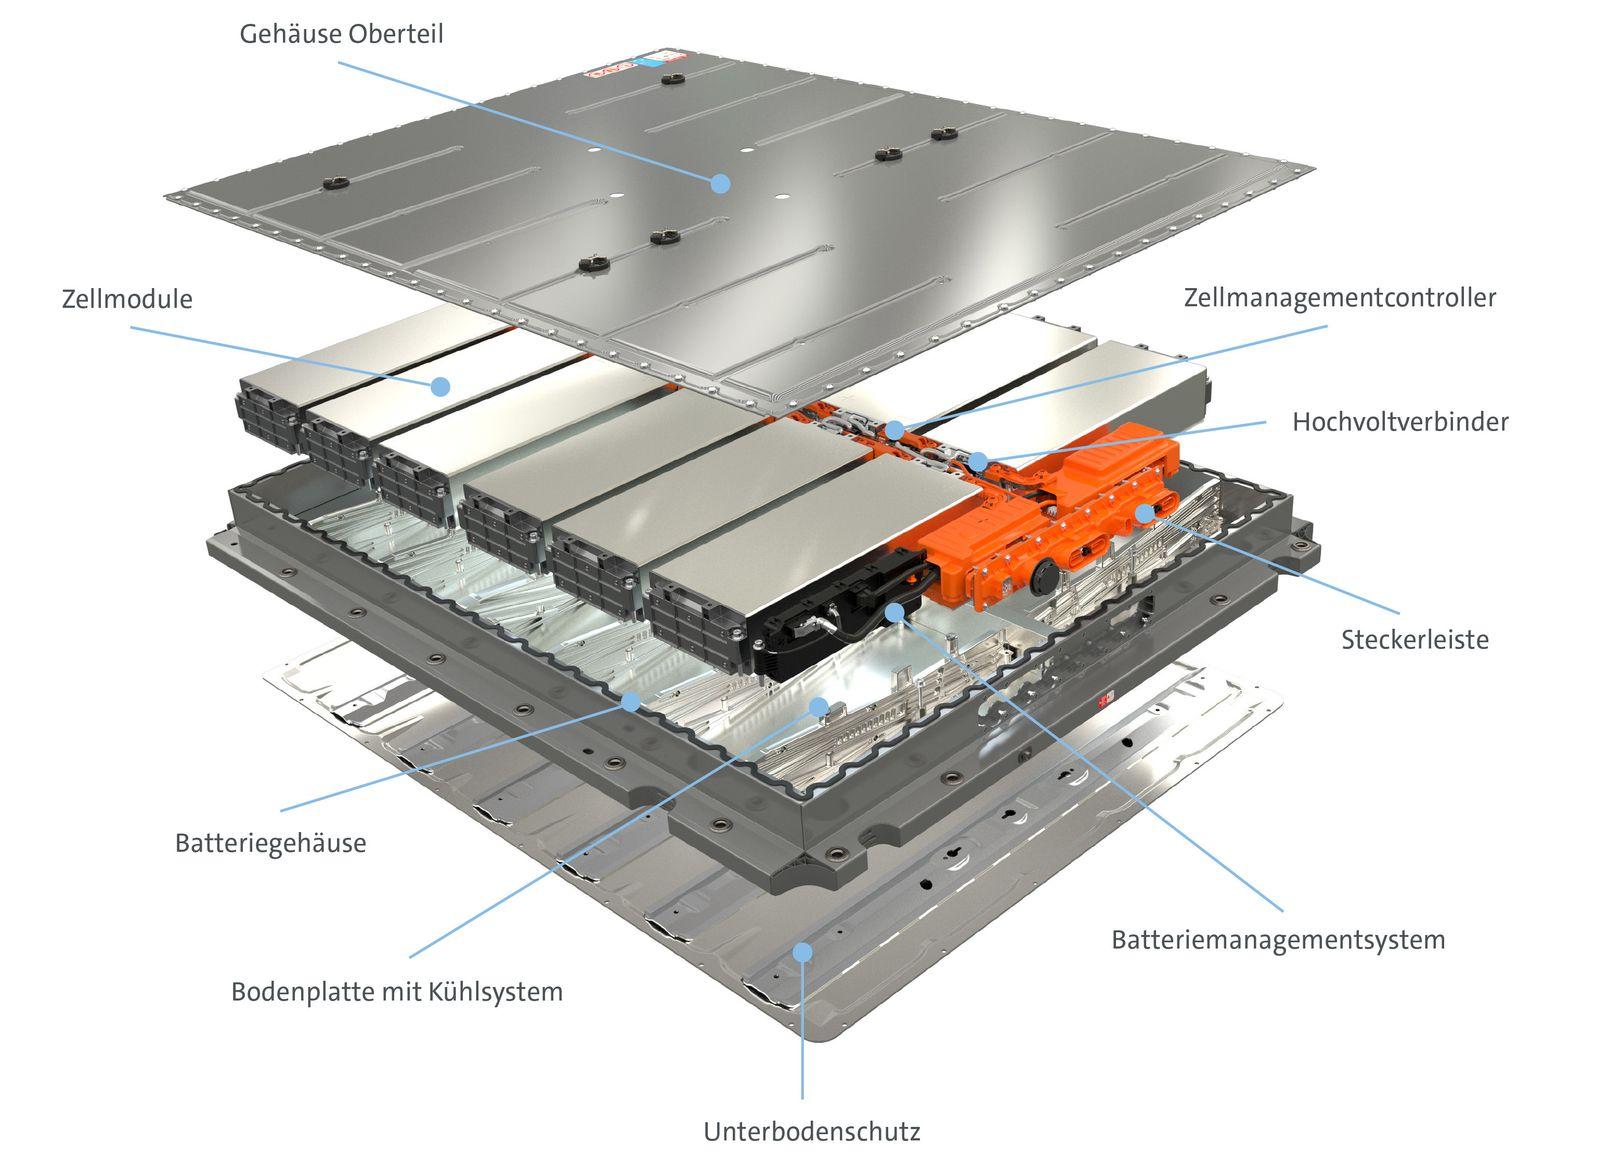 Kernkomponente für eine neue ?ra ñ das Batteriesystem